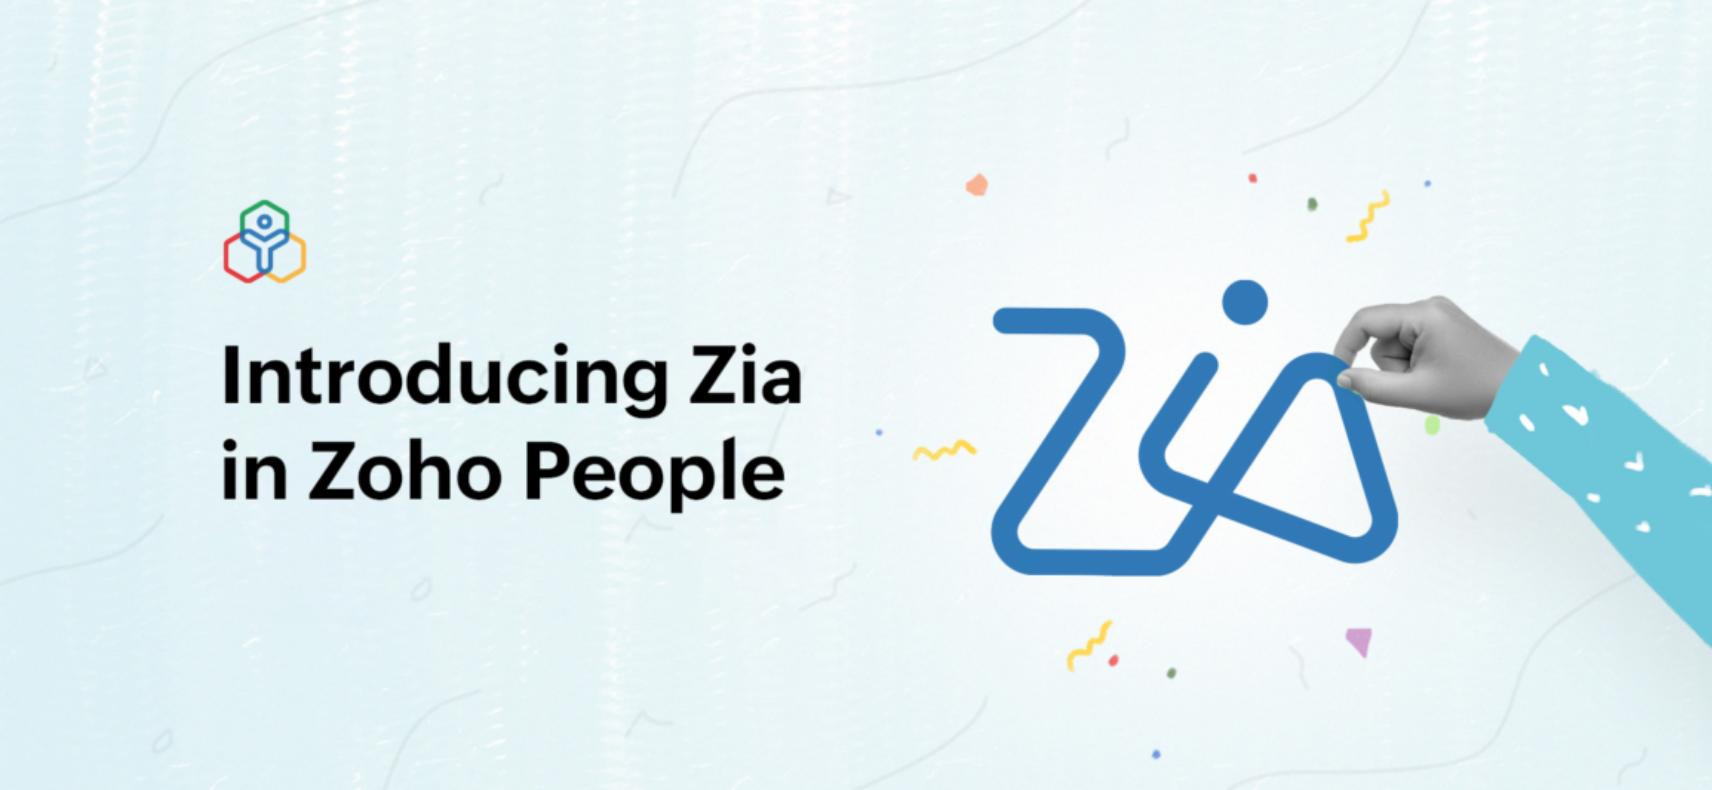 نقدم لكم زيا Zia، مساعد الذكاء الاصطناعي